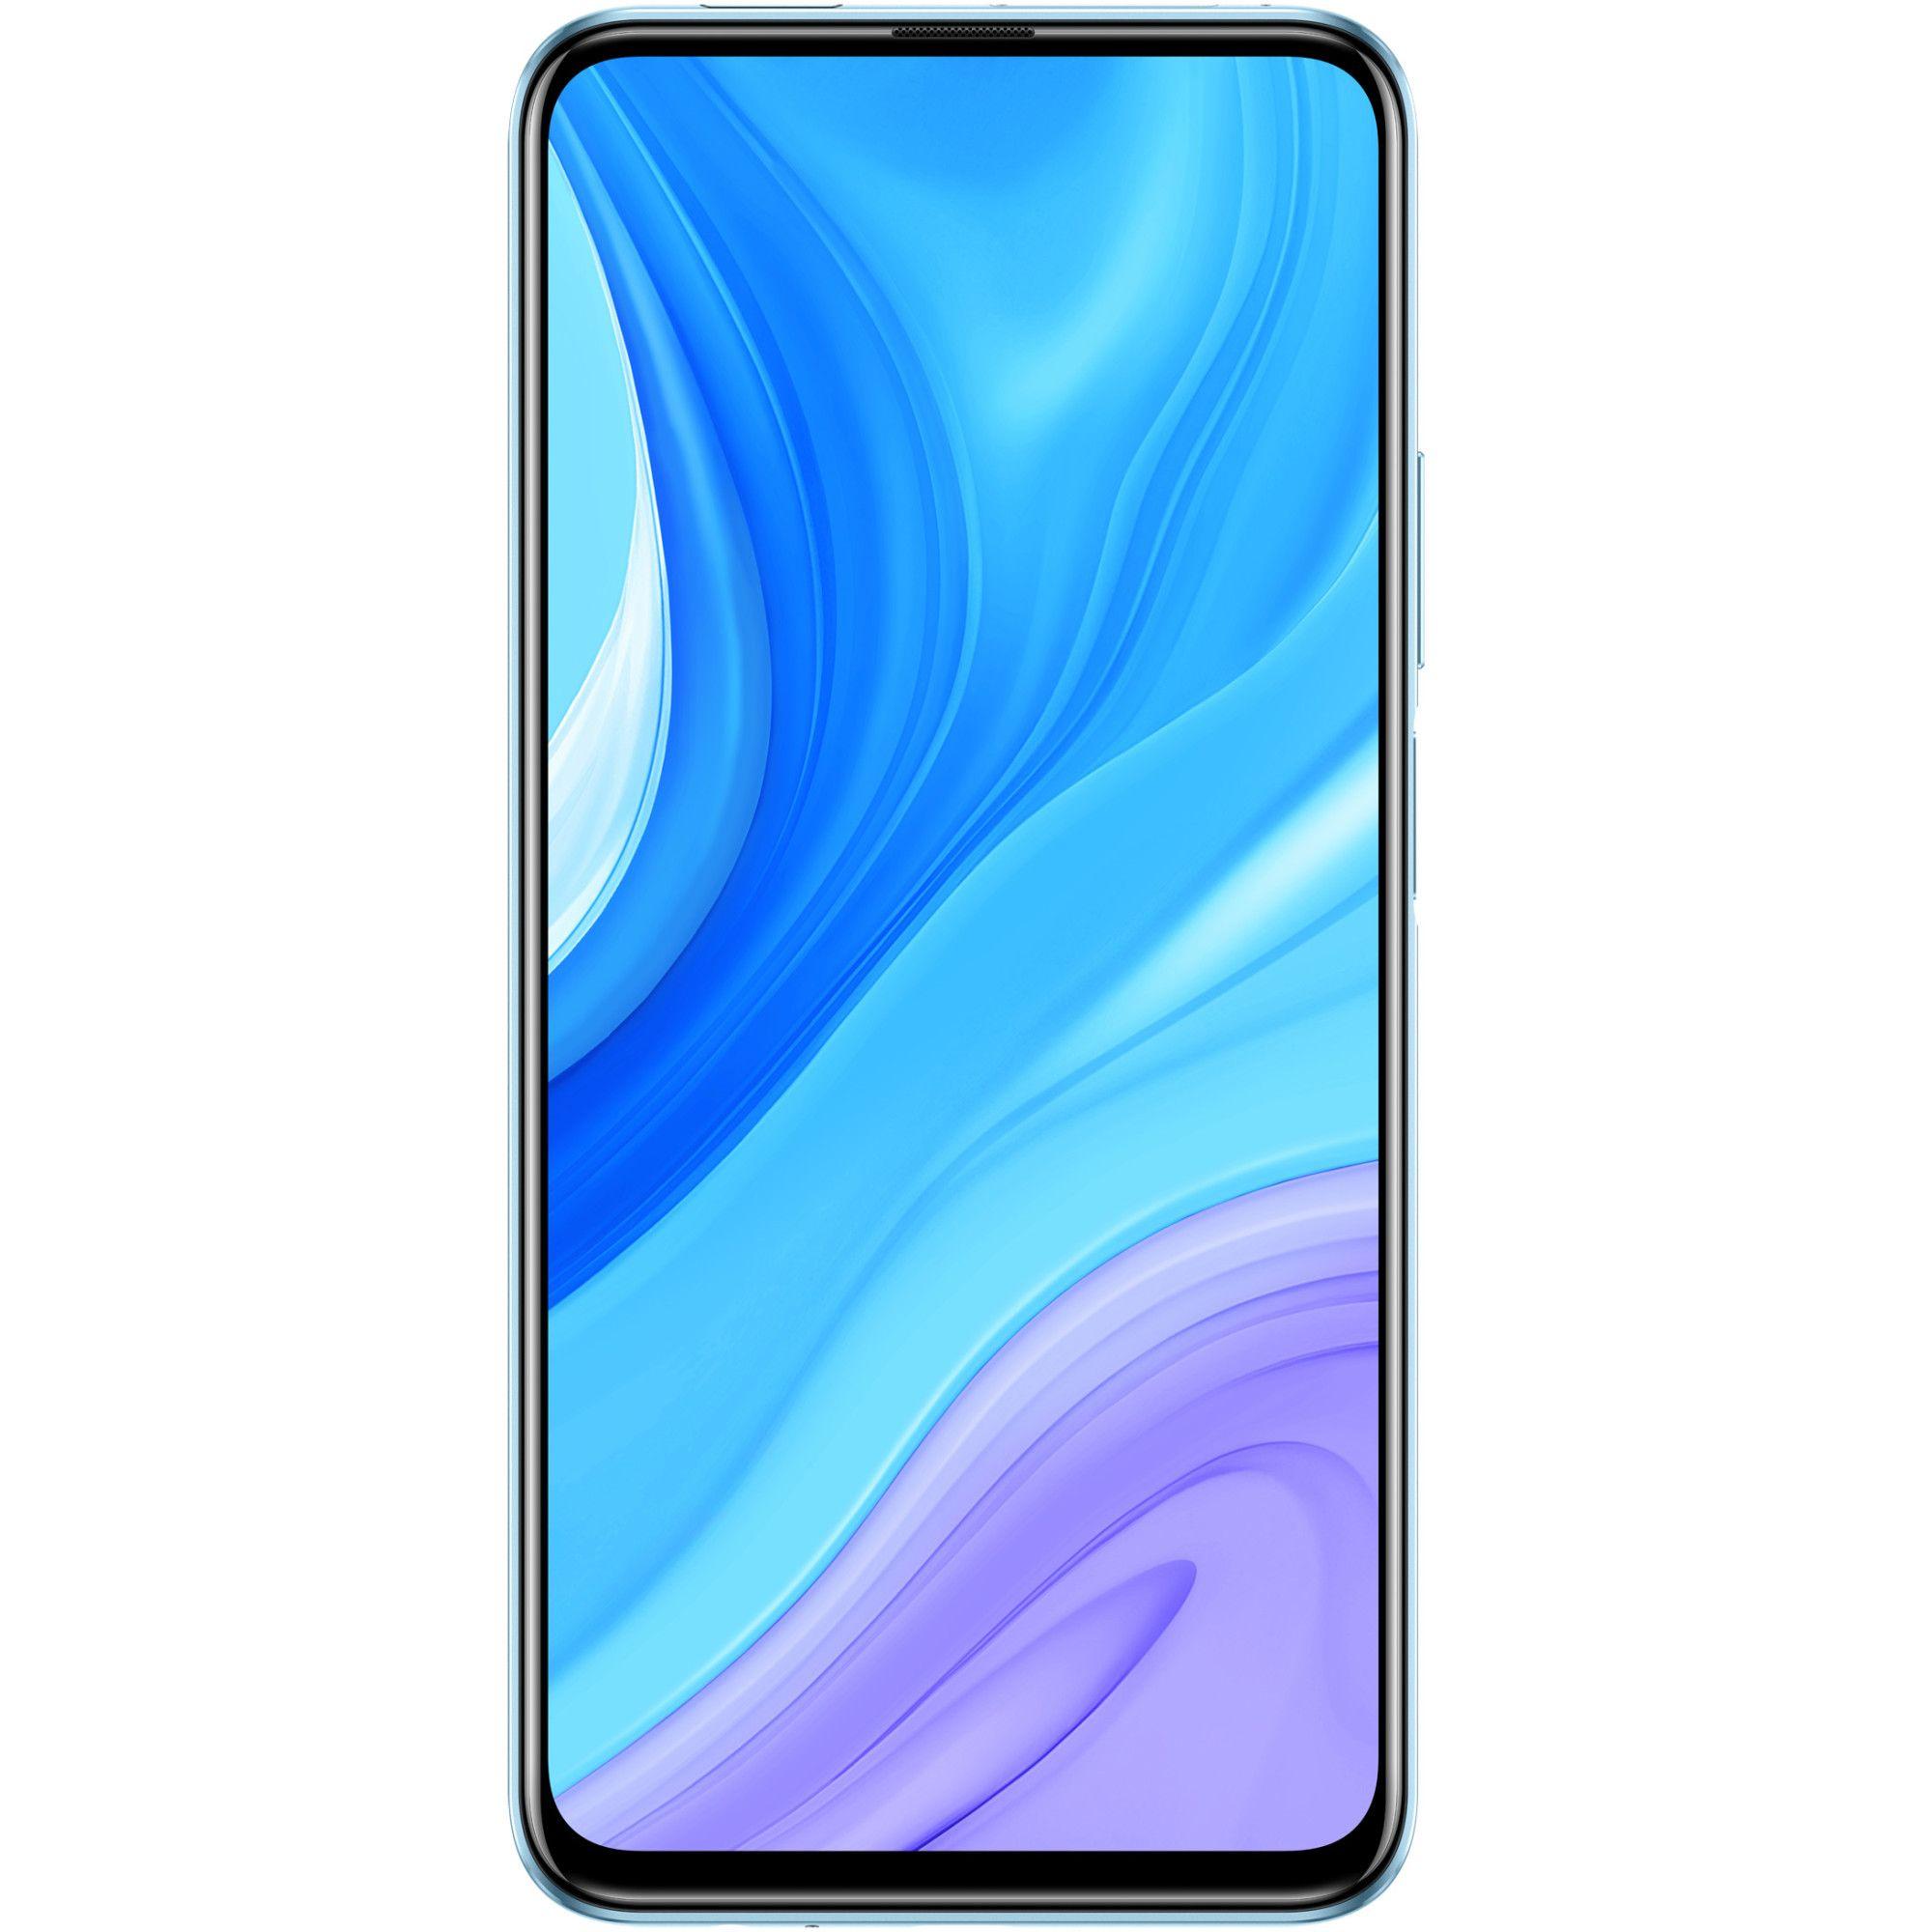 Telefon mobil Huawei P Smart Pro, Dual SIM, 128GB, 6GB RAM, 4G, Breathing Crystal